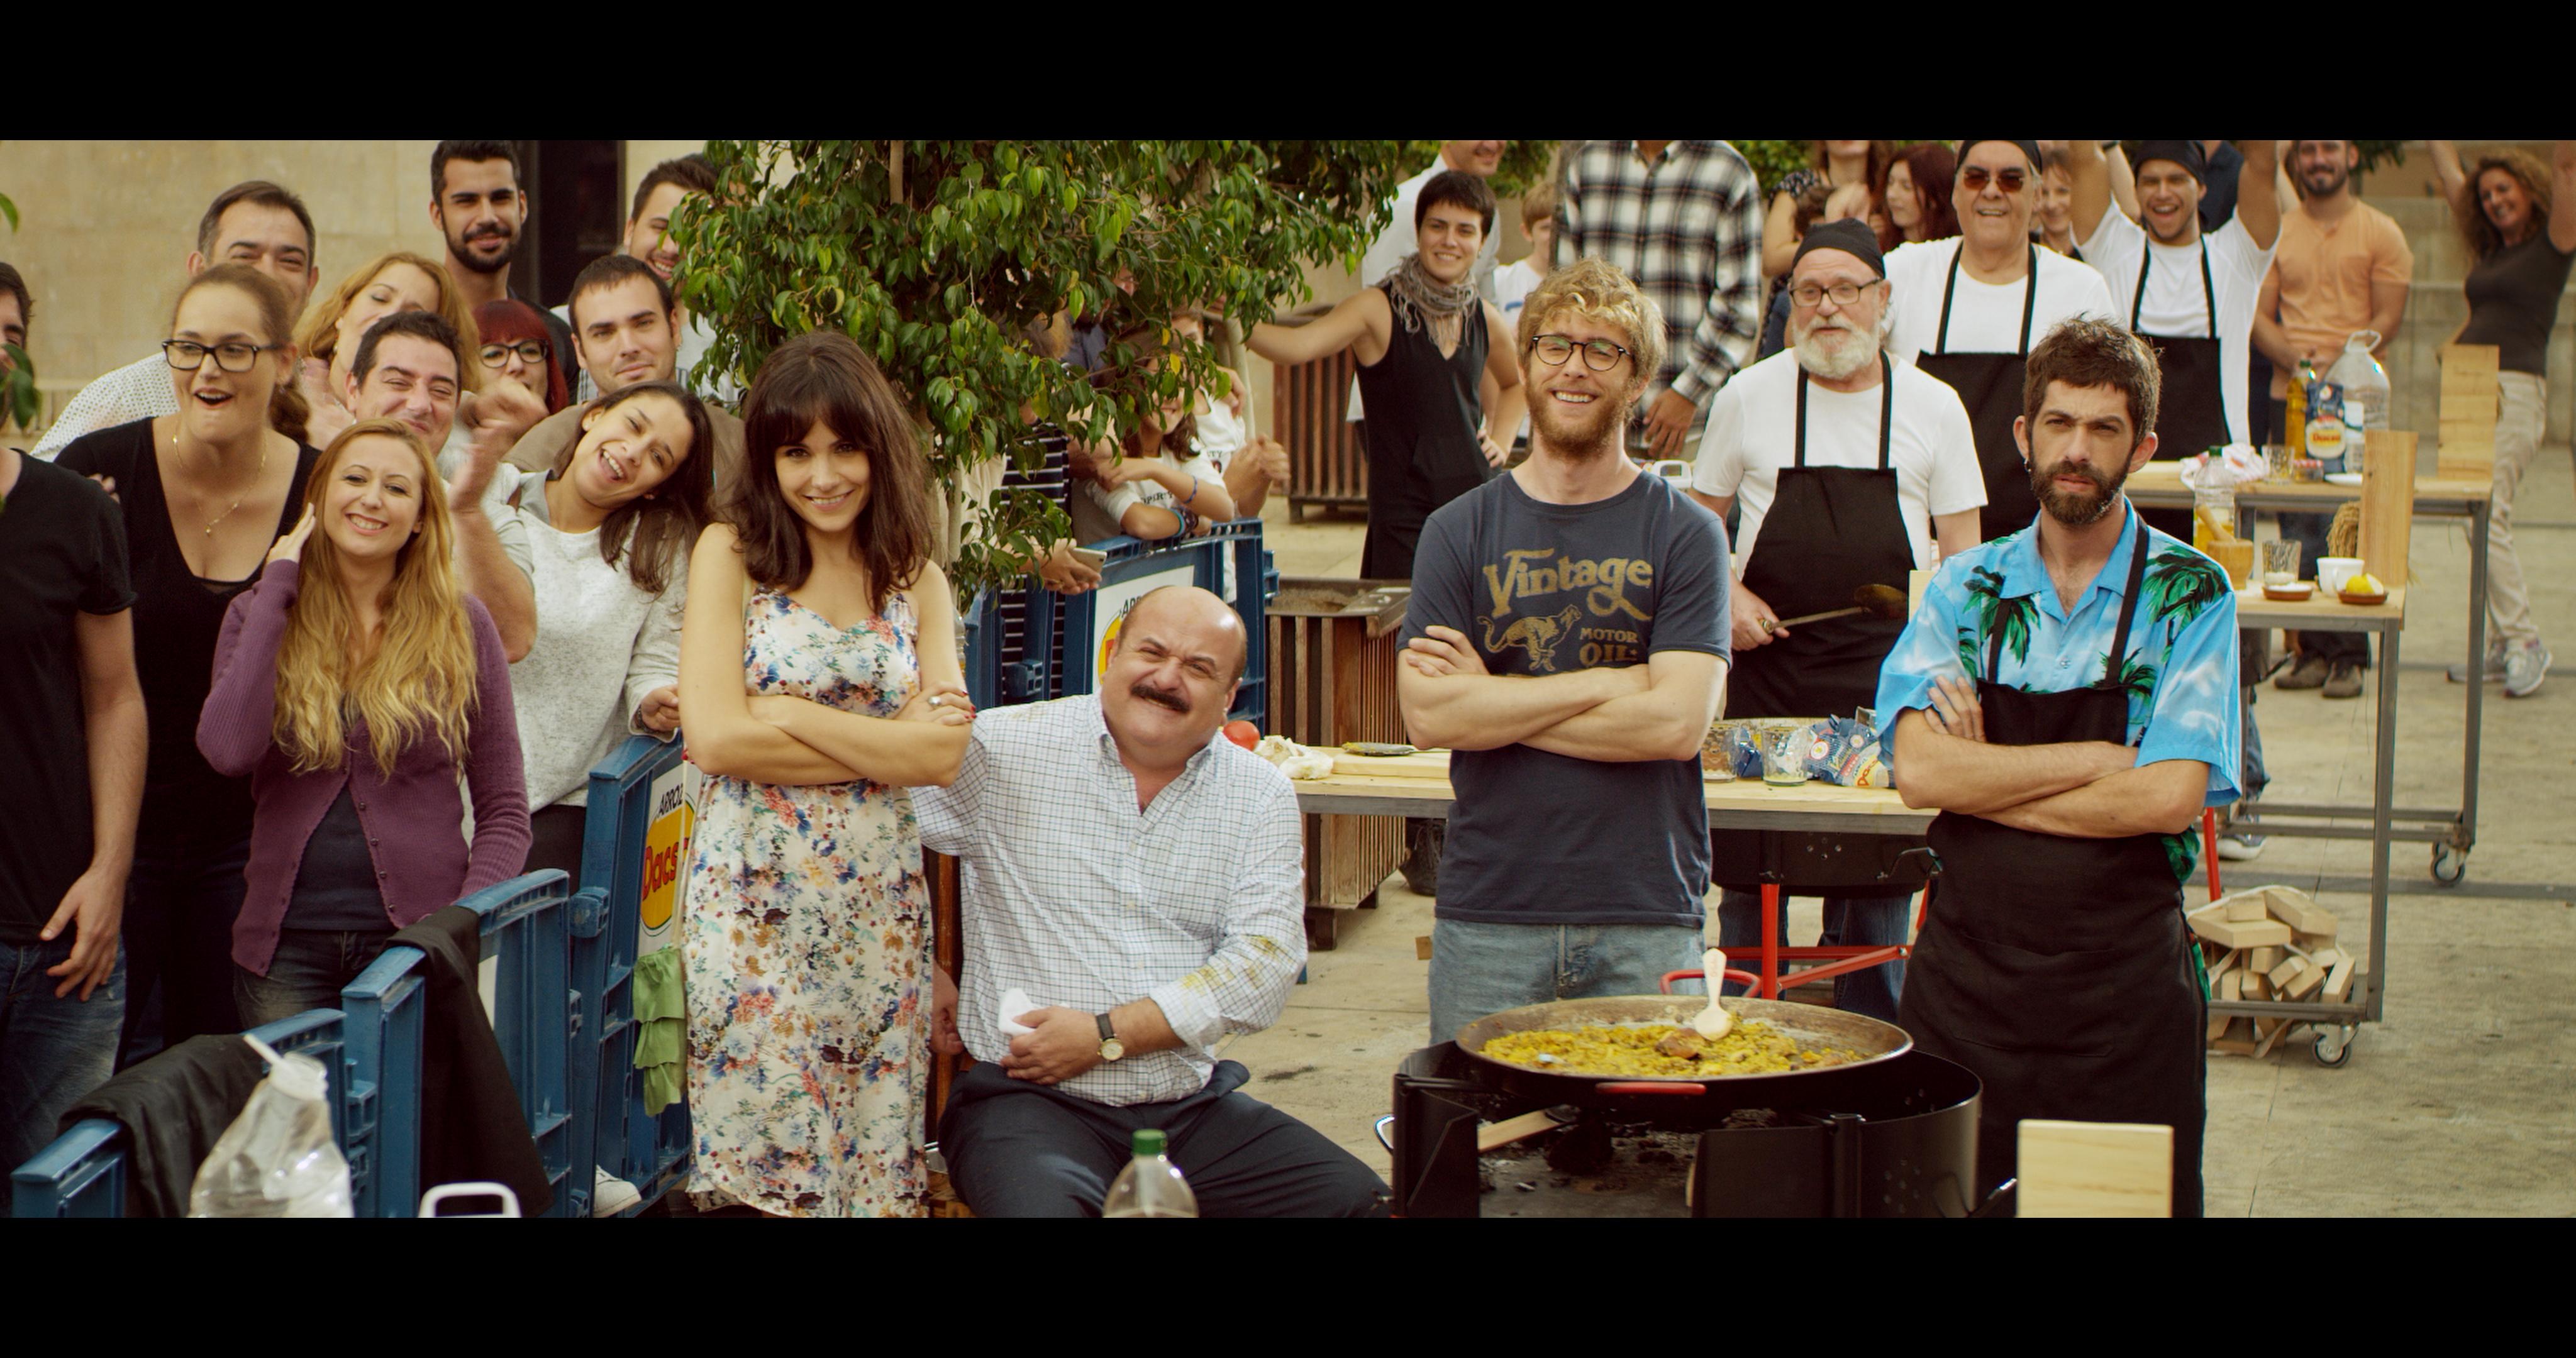 Paella Today, el cine como herramienta de promoción turística y gastronómica